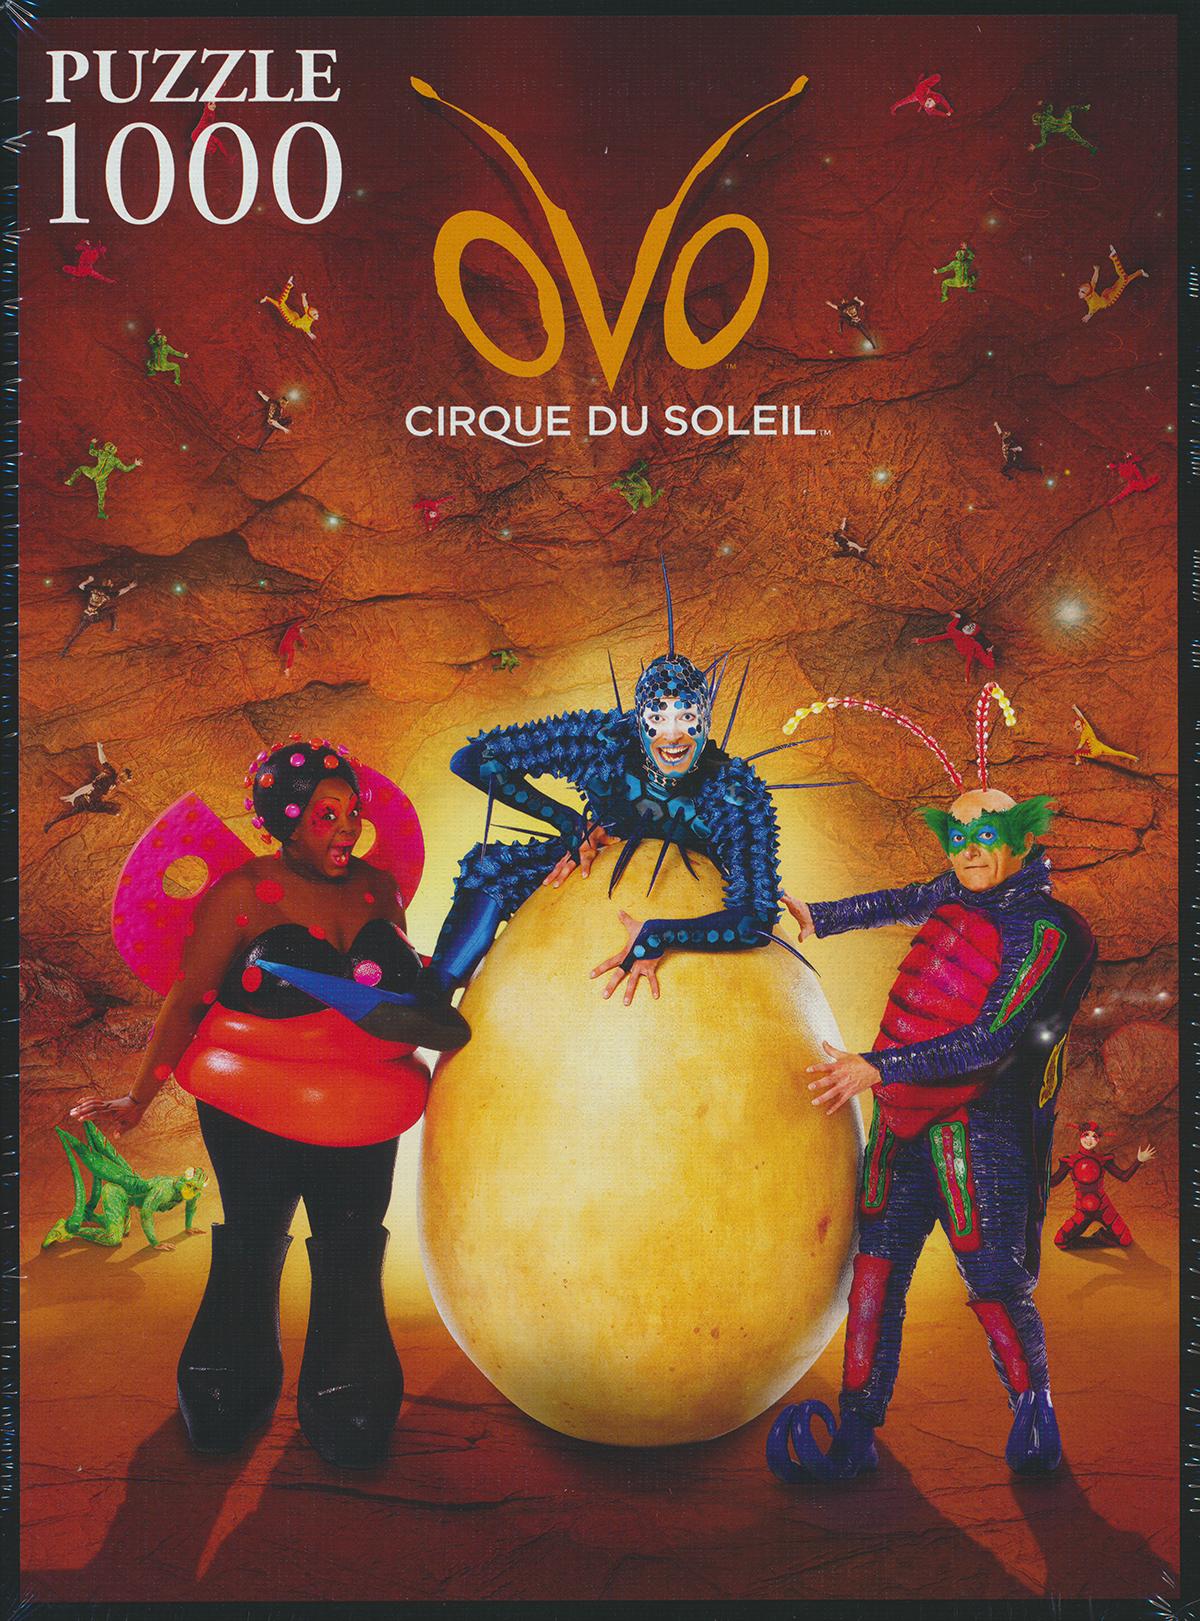 Trefl Jigsaw Puzzle 1000 Pieces ovo, cirque de soleil circus puzzel ovo-cirque-soleil